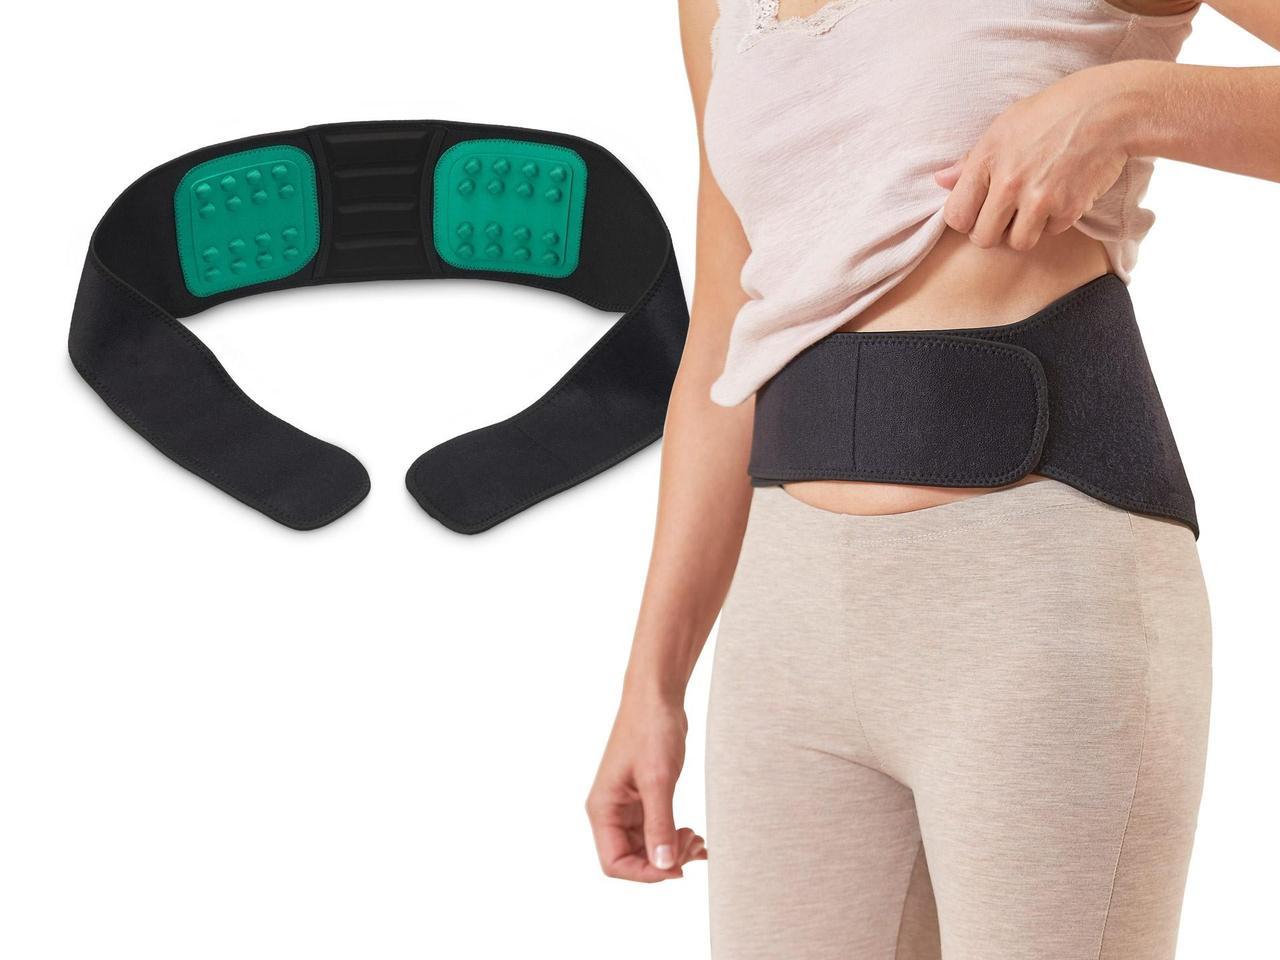 Пояс от боли и напряжения в спине Биотерапия Wellneo BioFeedBac